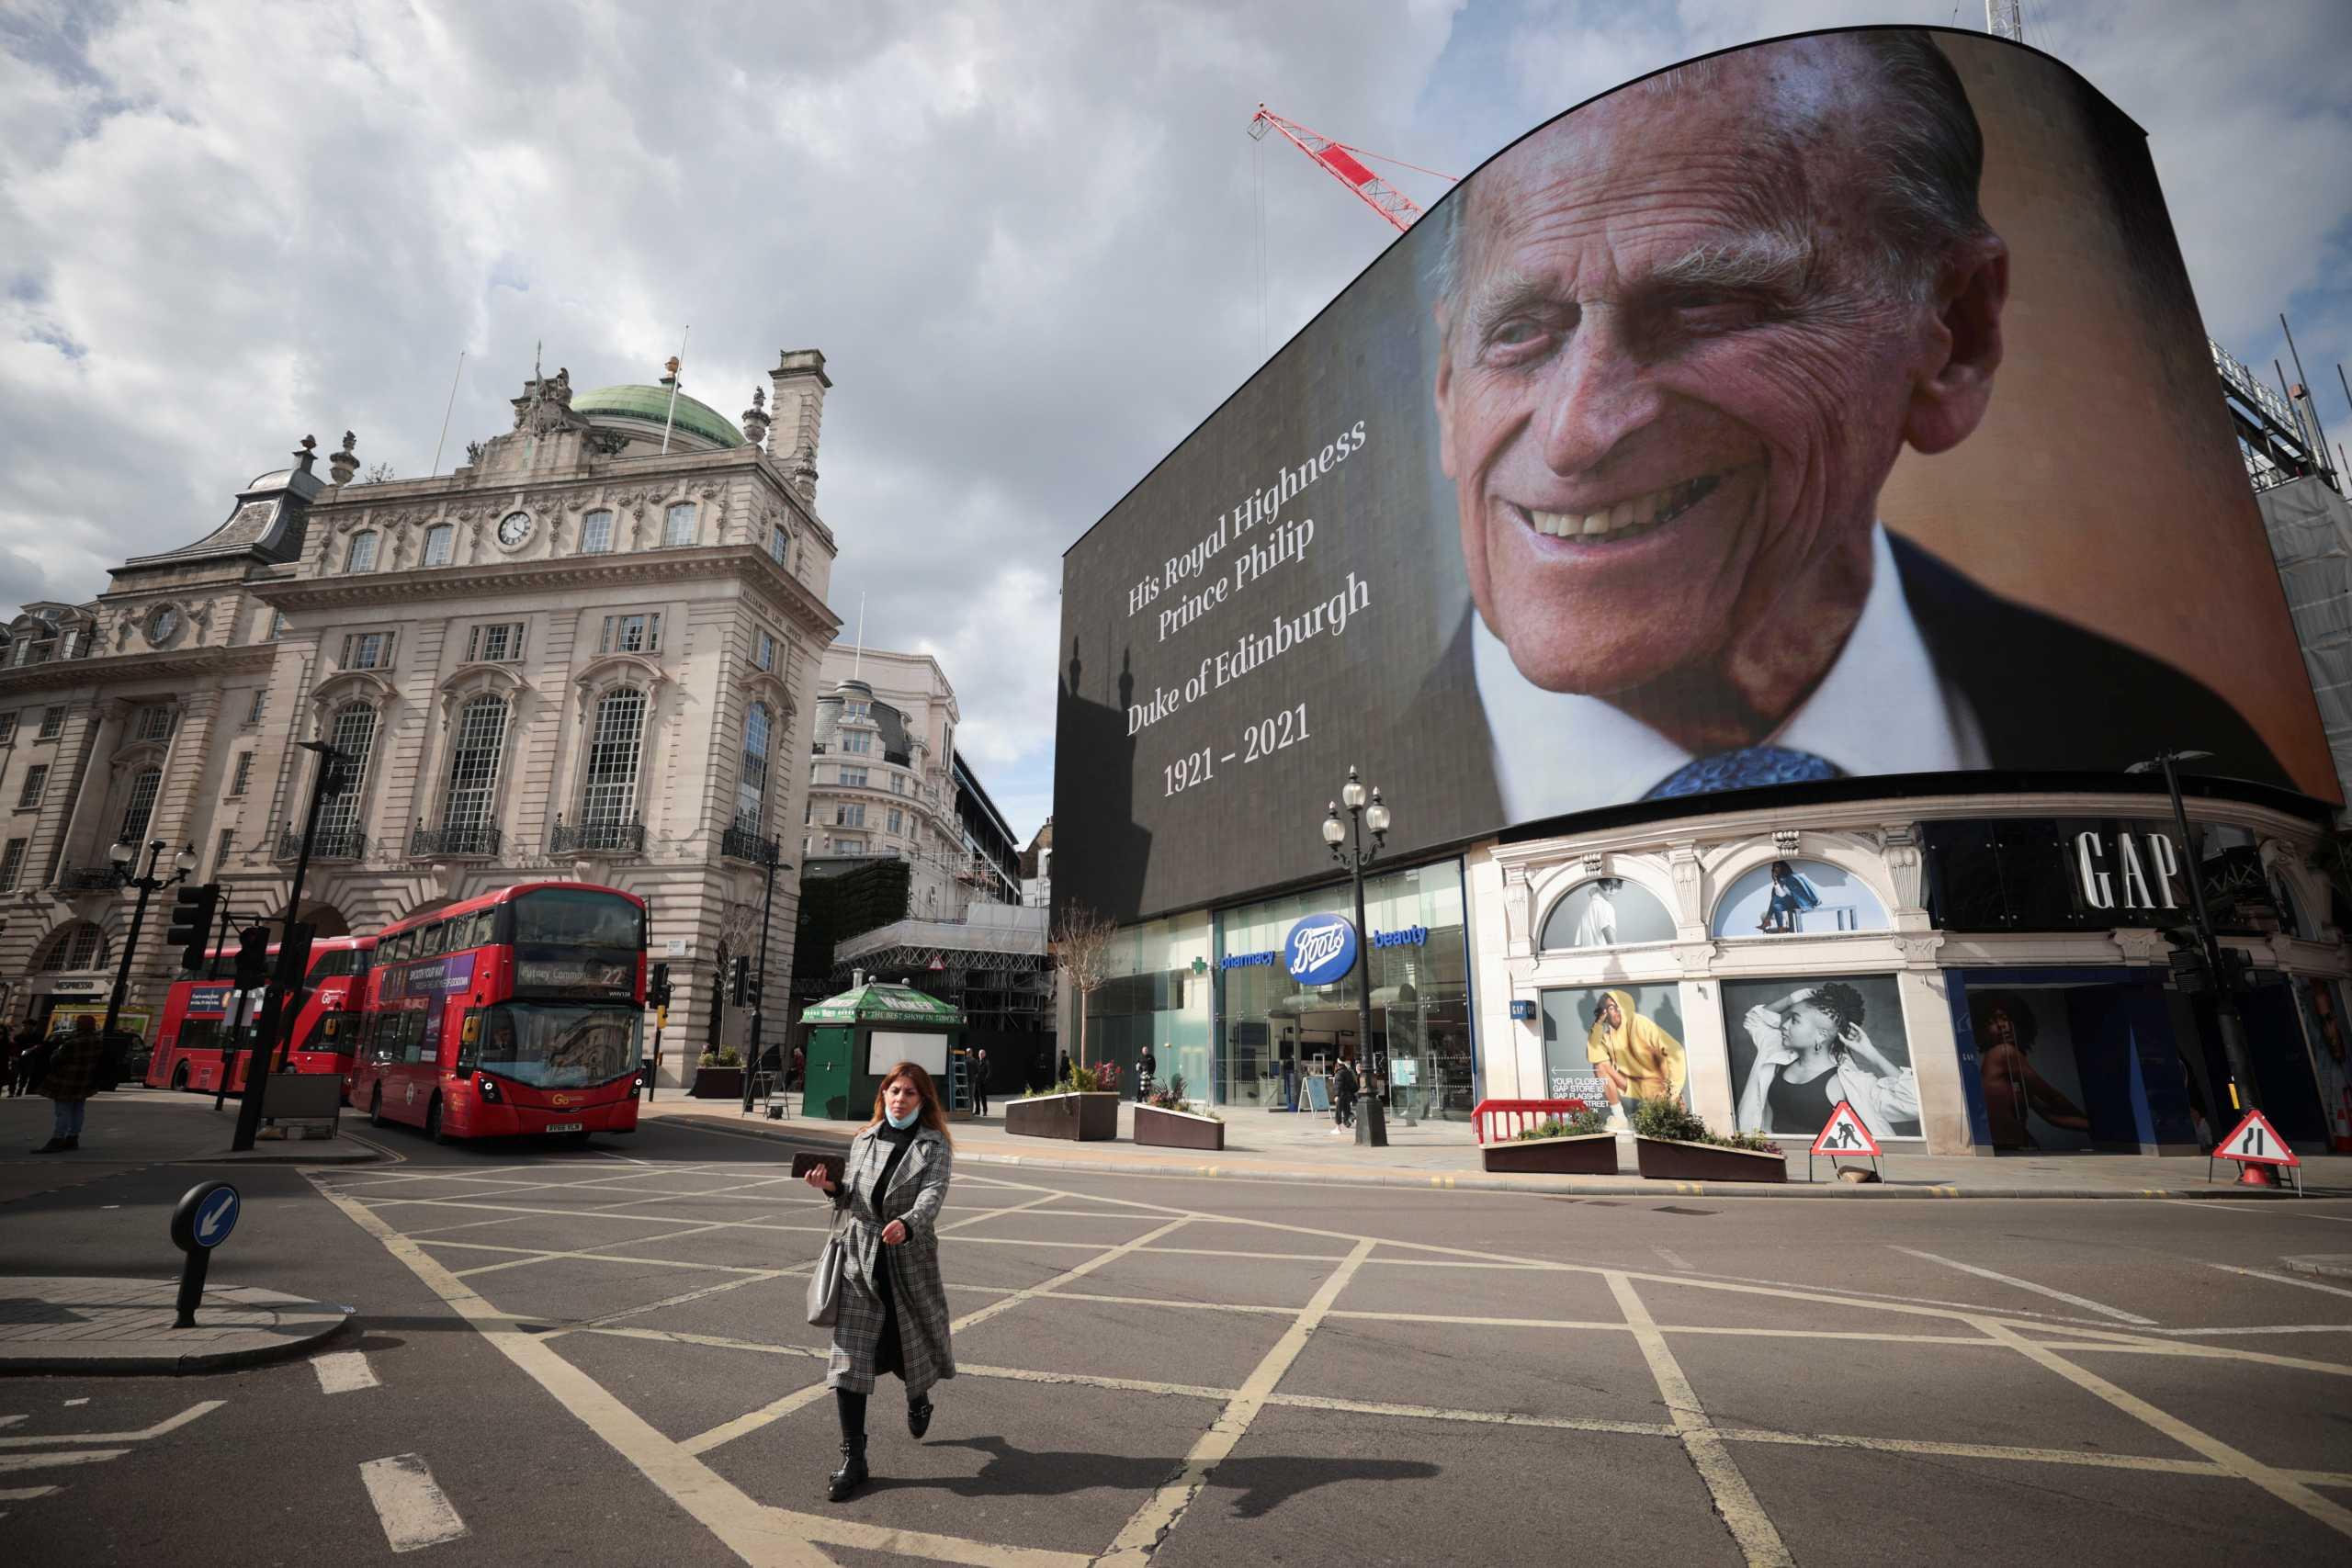 Το Λονδίνο υποκλίνεται στον Πρίγκιπα Φίλιππο στο Piccadilly Circus